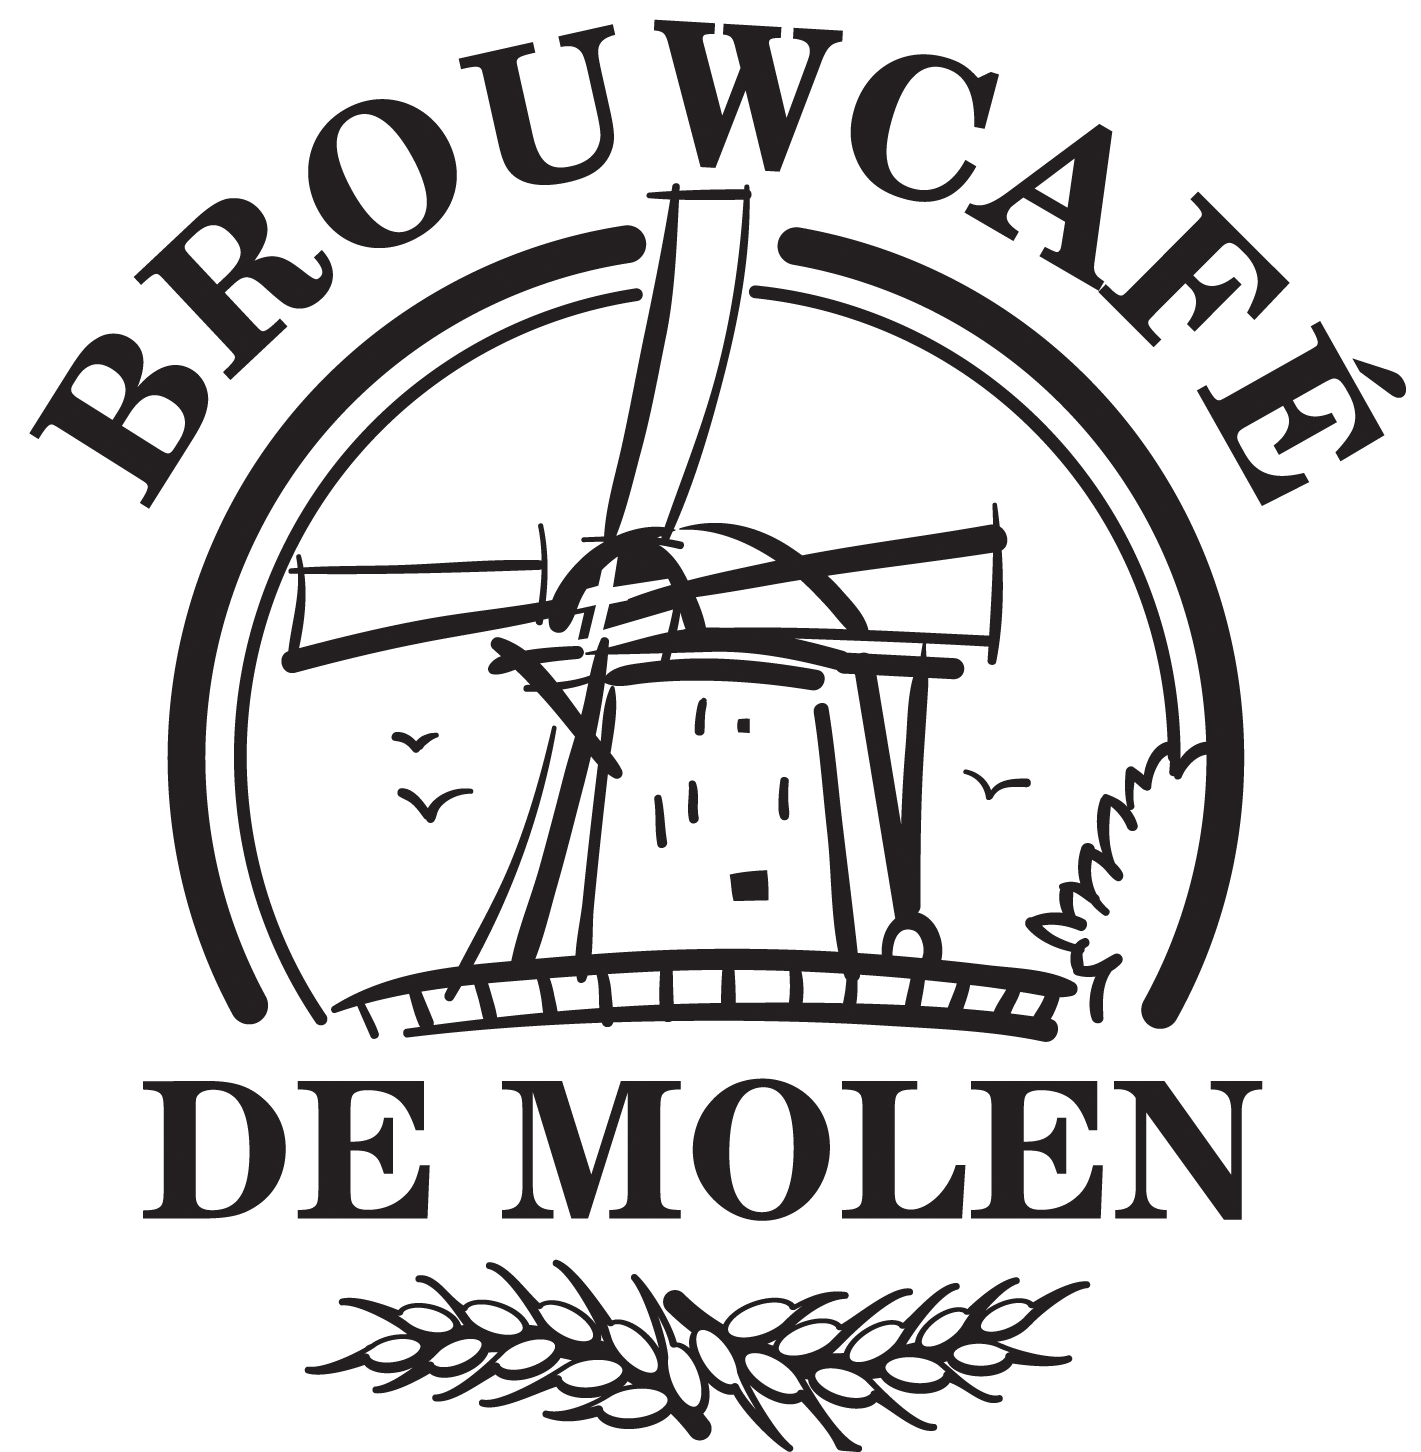 Brouwerij de Molen | Mindblowing craft beer